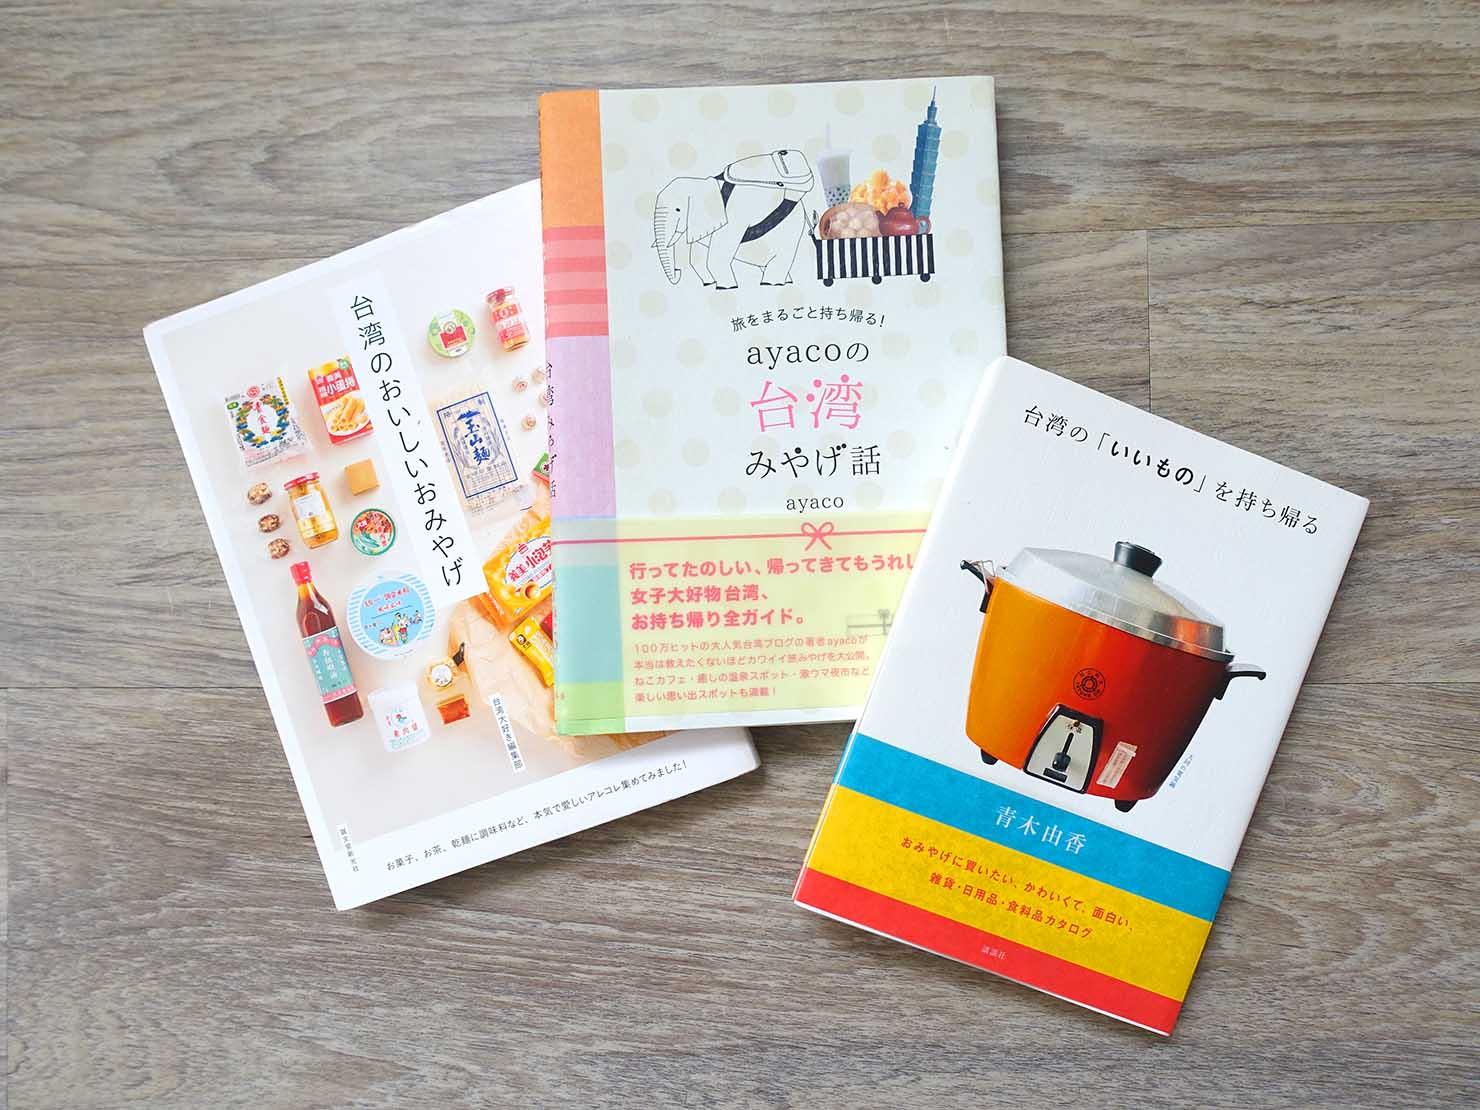 台湾おみやげ探しの参考におすすめの本3冊